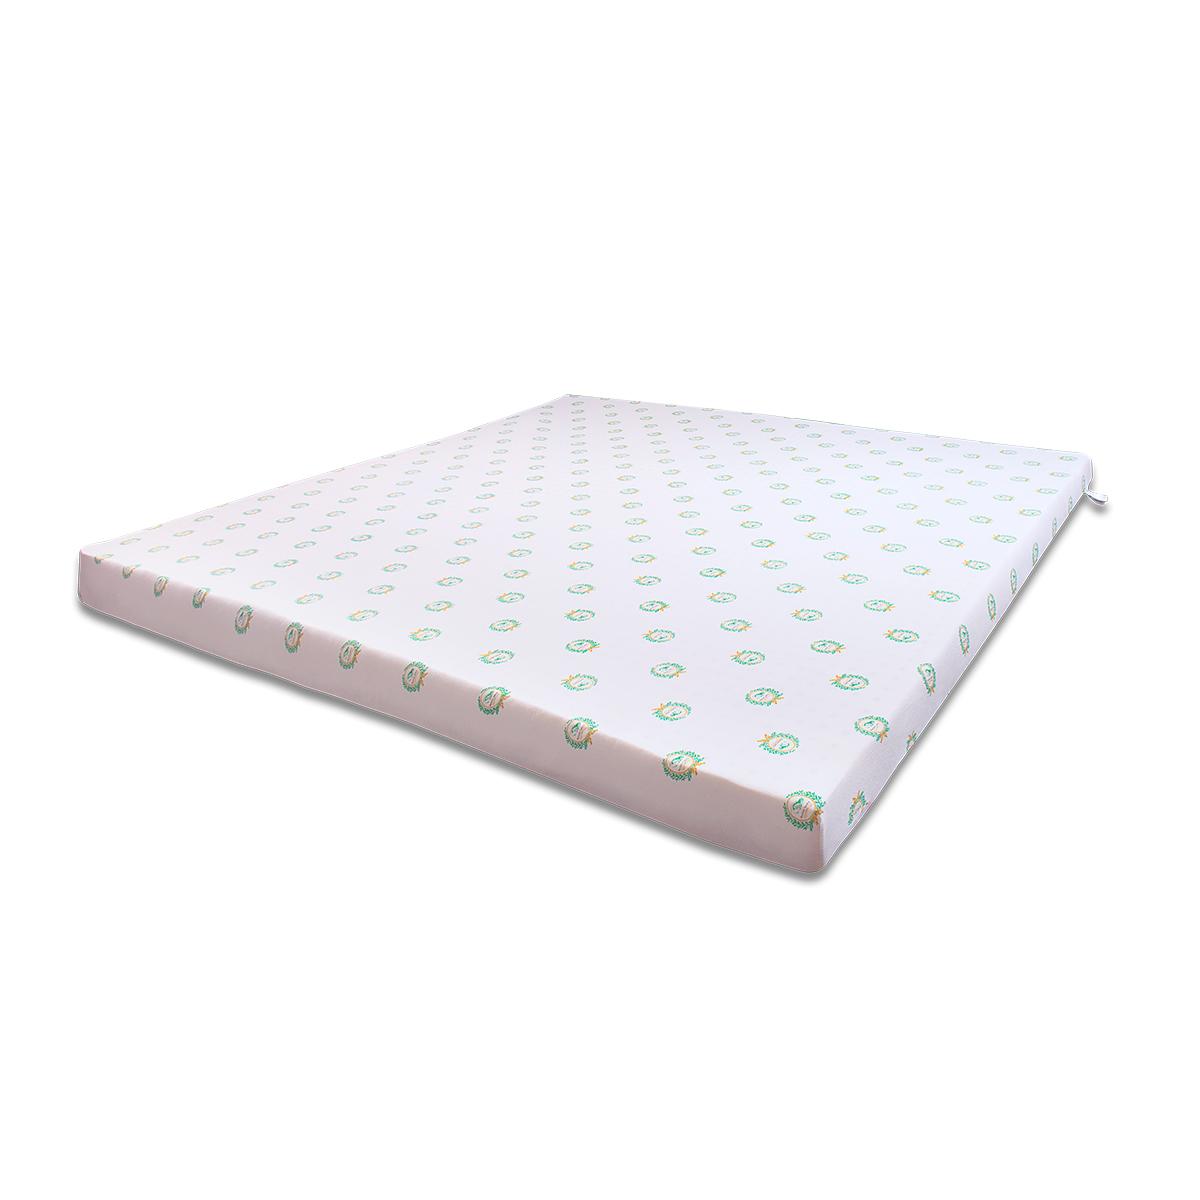 泰国-素万纯天然乳胶床垫1.2m*2m(7.5CM)